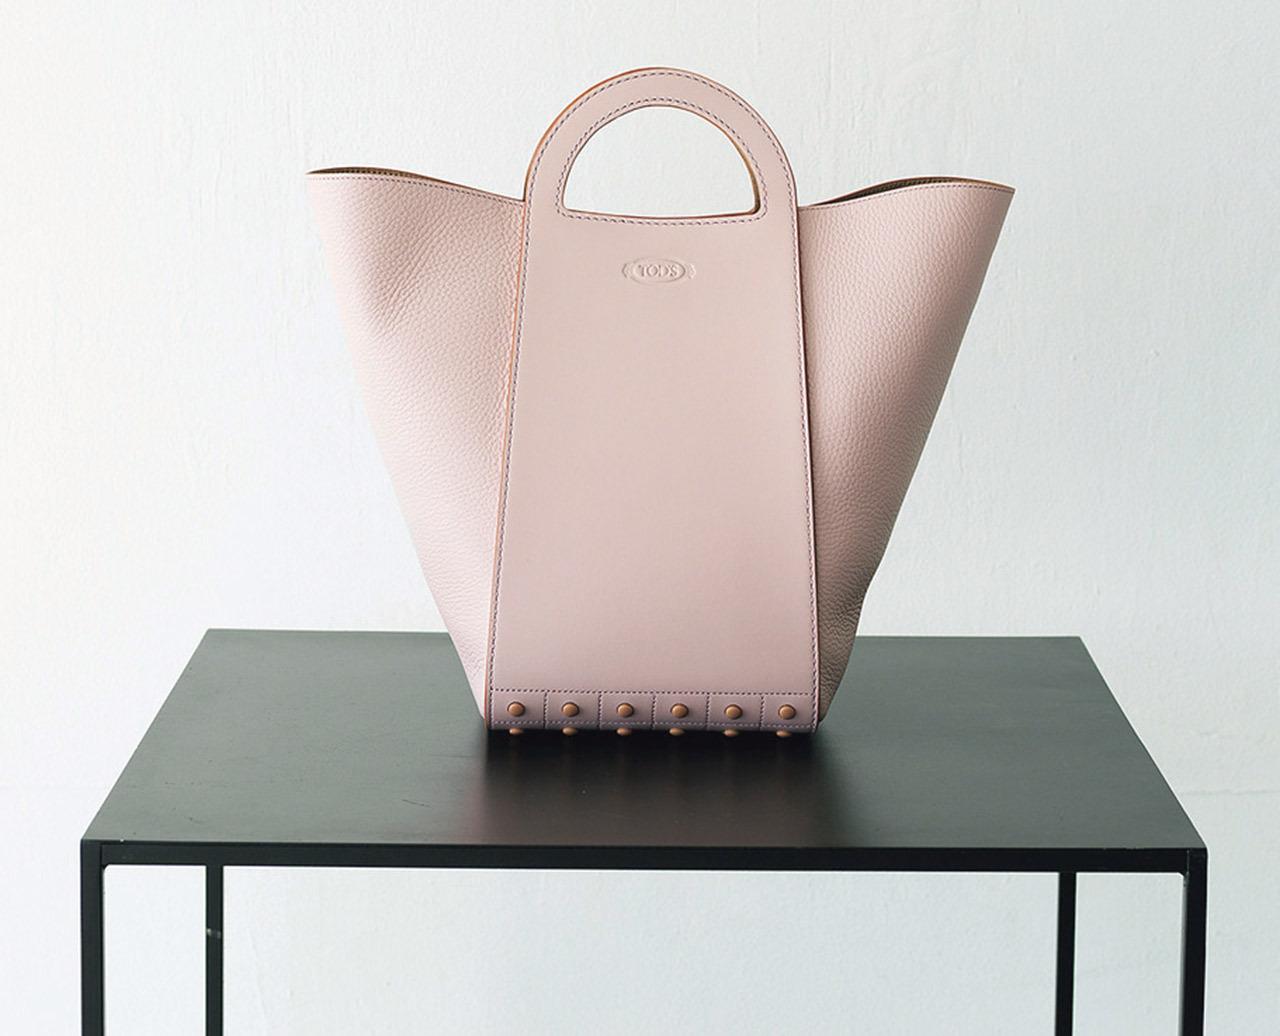 トッズのショッピングバッグ